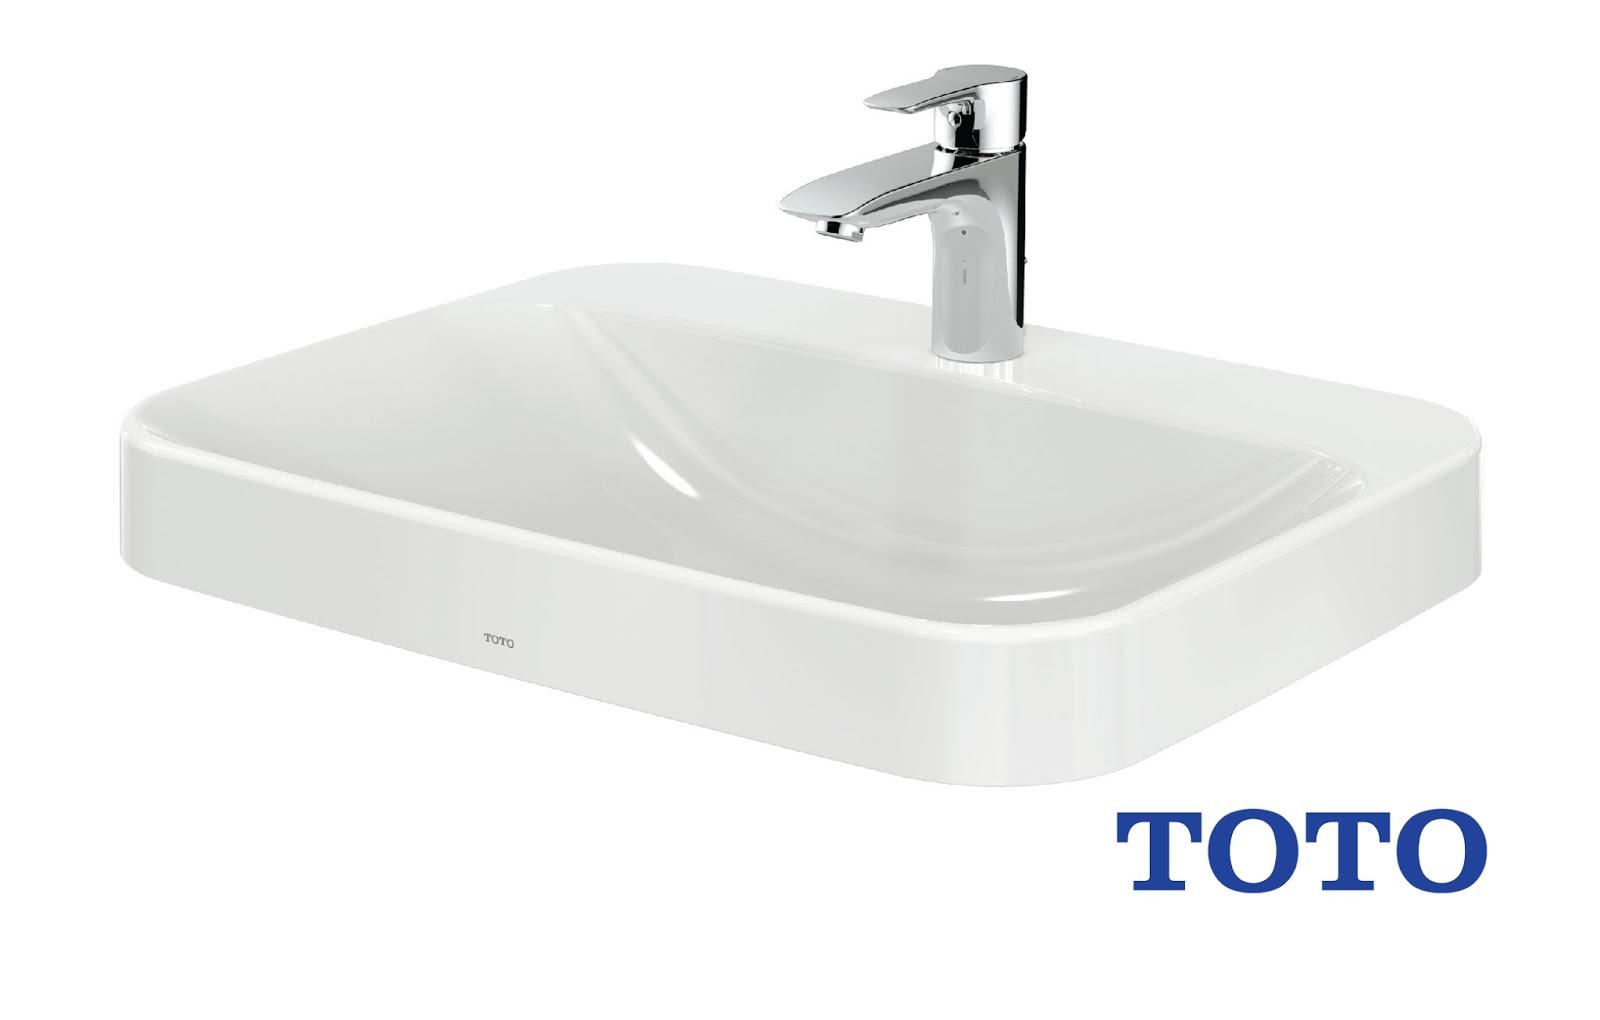 Bảng giá lavabo TOTO của đại lý thiết bị vệ sinh TOTO 2018 logo toto vietnam